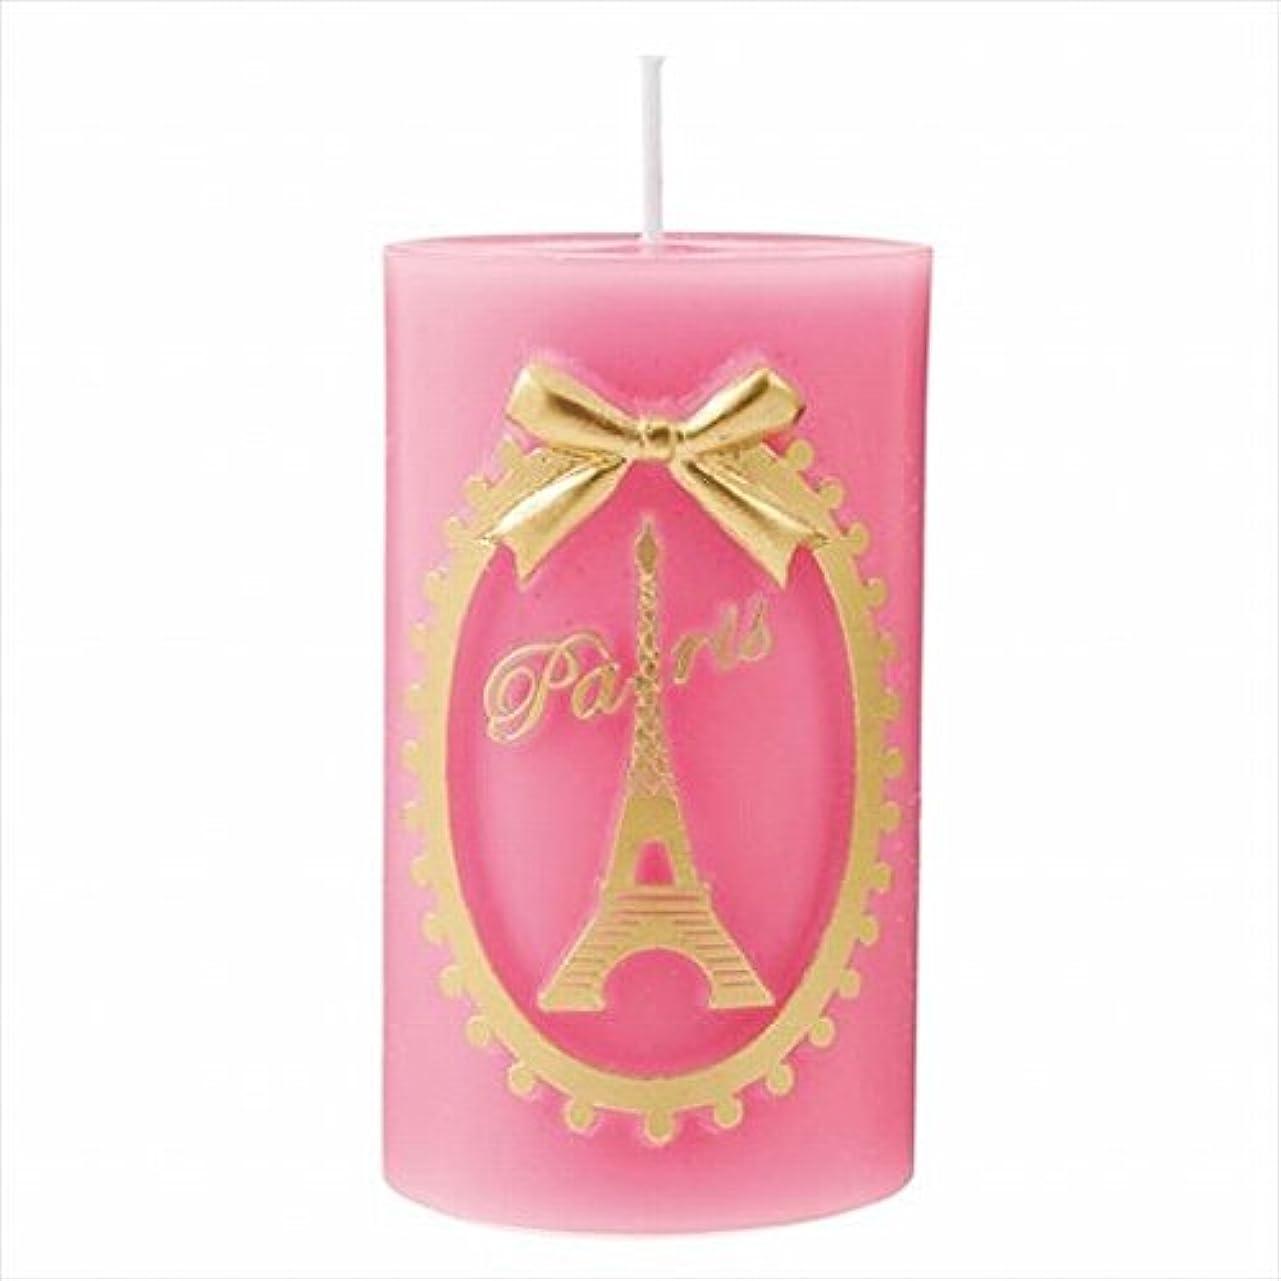 腸ハム予感カメヤマキャンドル( kameyama candle ) エッフェル塔ピラー 「 ピンク 」